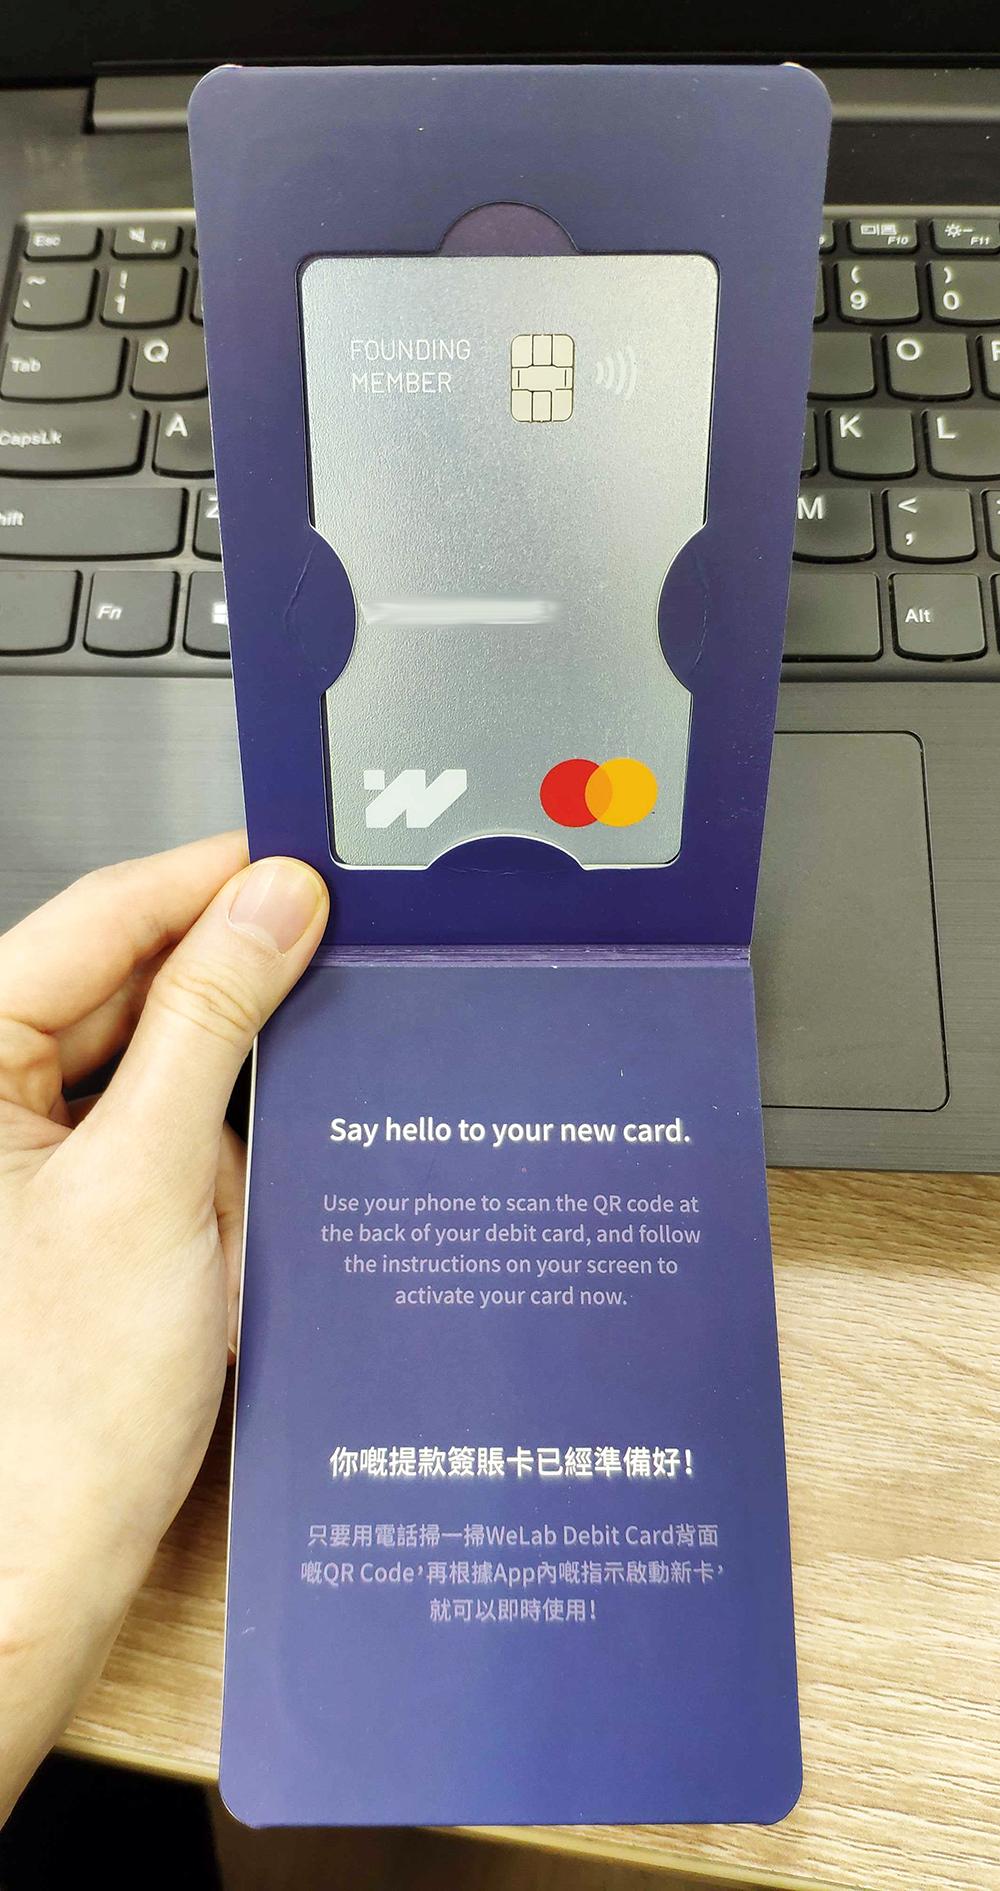 Welabdebitcard1